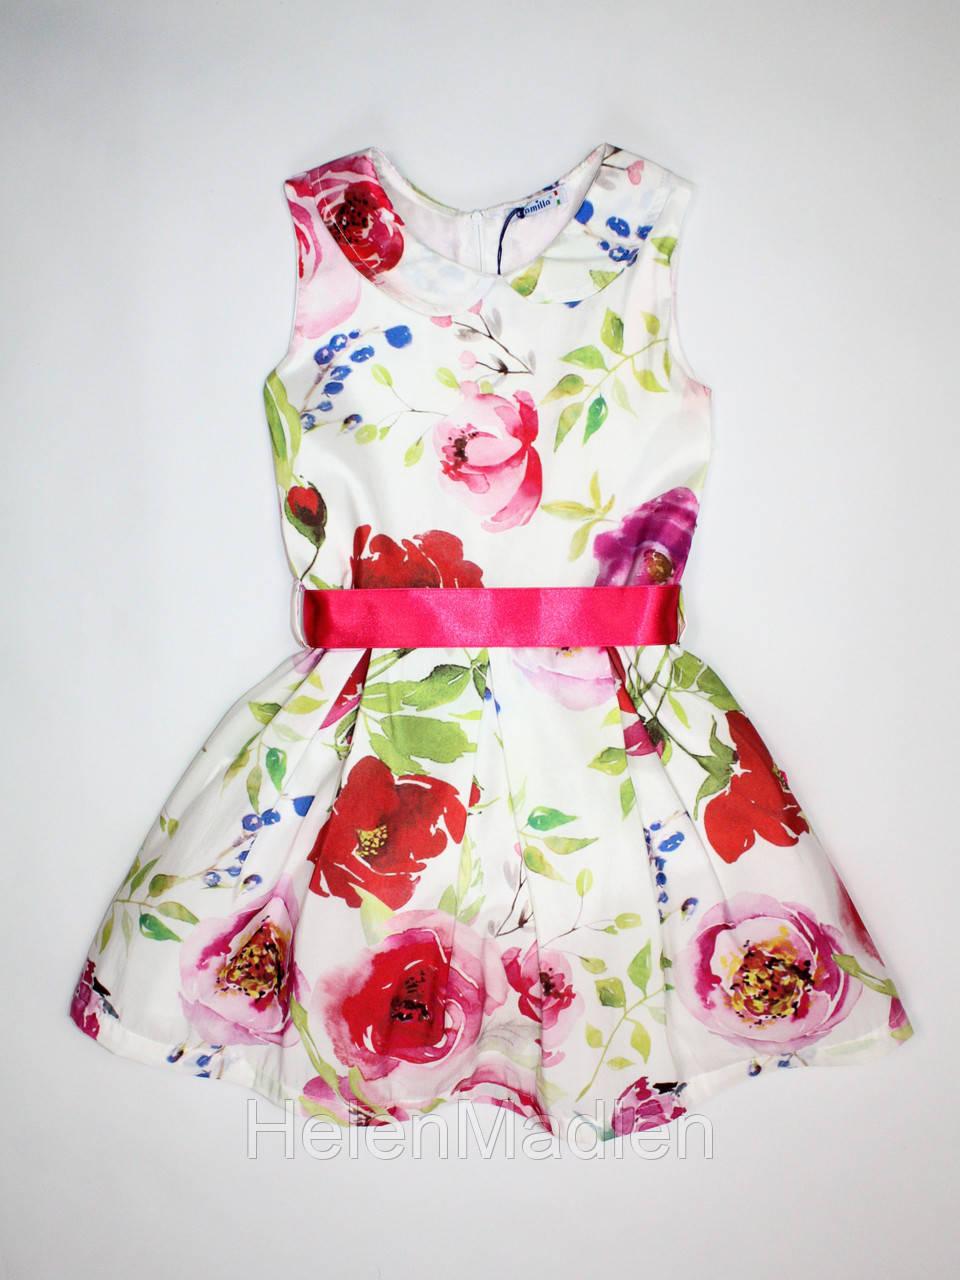 Платье нарядное Camilla бело-розовое Италия